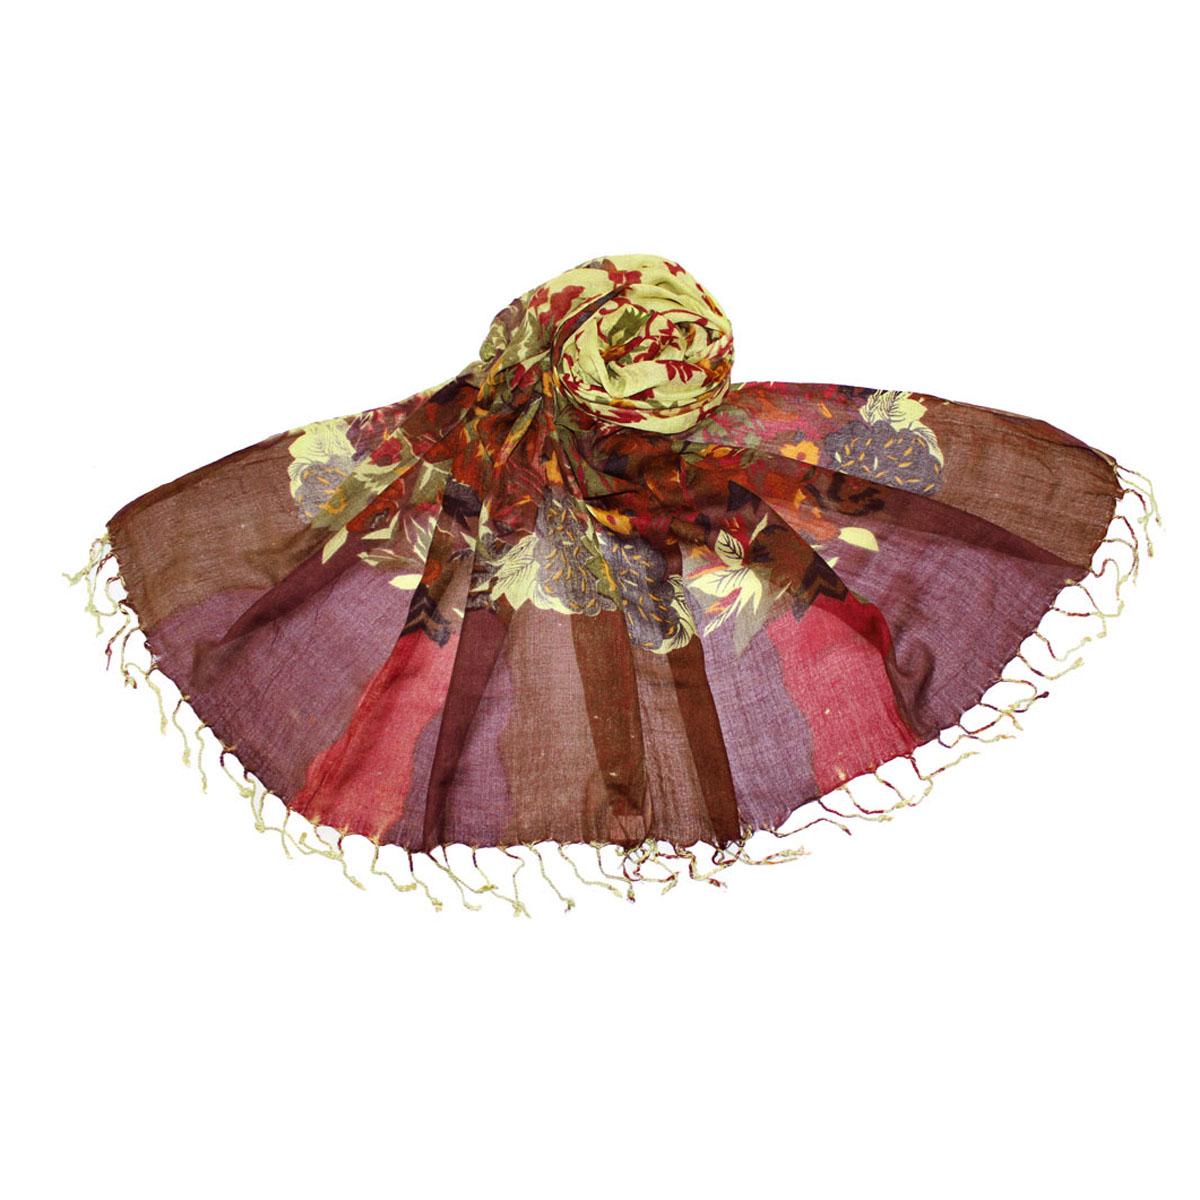 Палантин493080нЭлегантный палантин Ethnica станет стильным аксессуаром для любой ценительницы классики. Палантин изготовлен из вискозы и окрашен с использование натуральных красителей. Палантин украшен бахромой по краям и оформлен оригинальным цветочным рисунком. Такой палантин превосходно дополнит любой наряд и подчеркнет ваш изысканный вкус. Легкий и изящный палантин принесет в ваш образ утонченность и шарм.